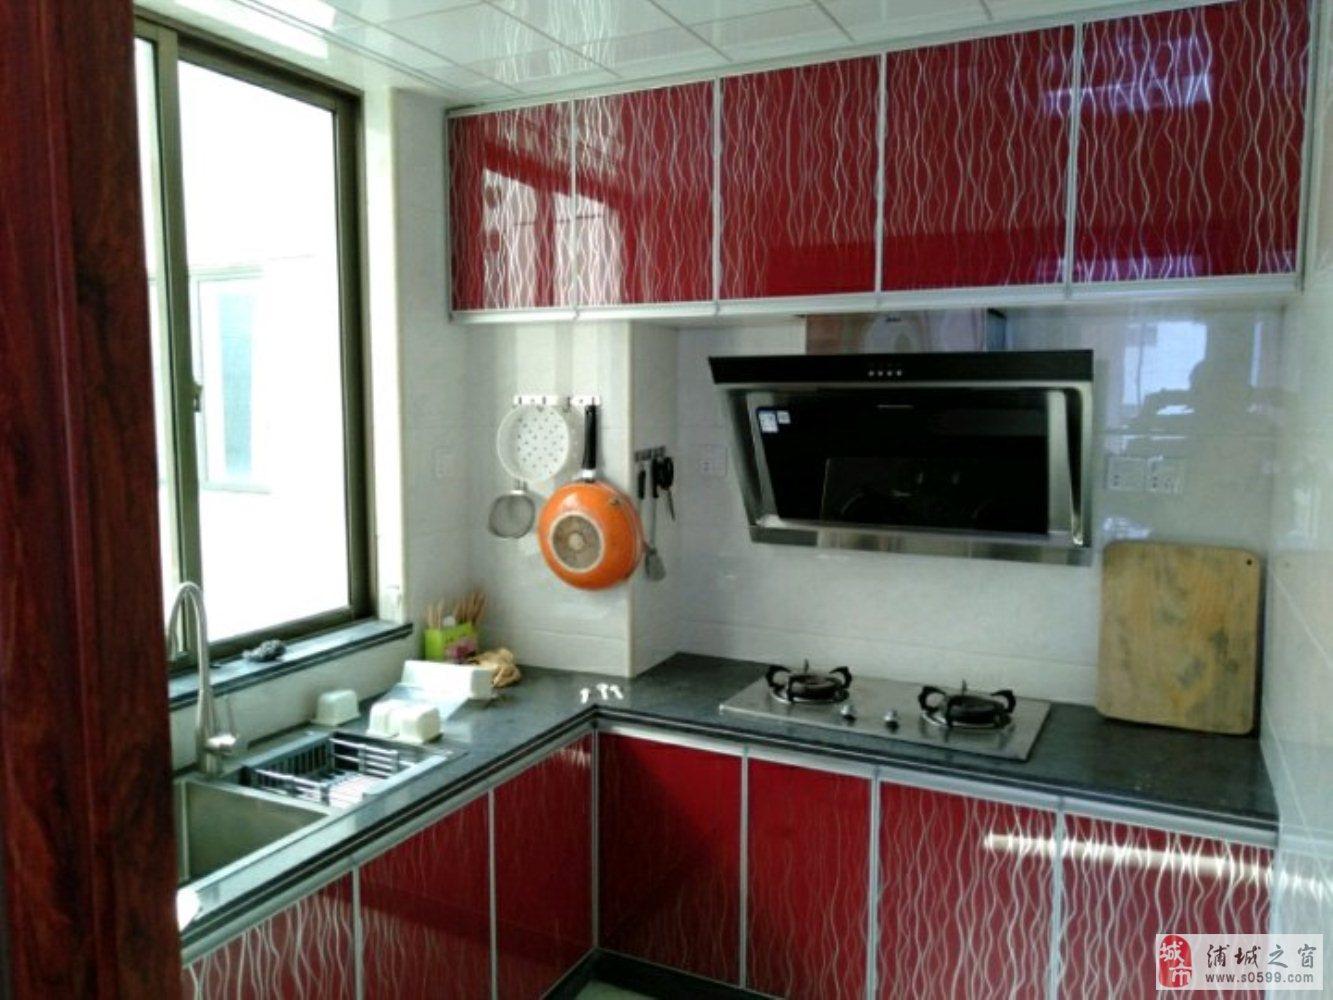 紫兴新城3室2厅2卫66.8万元